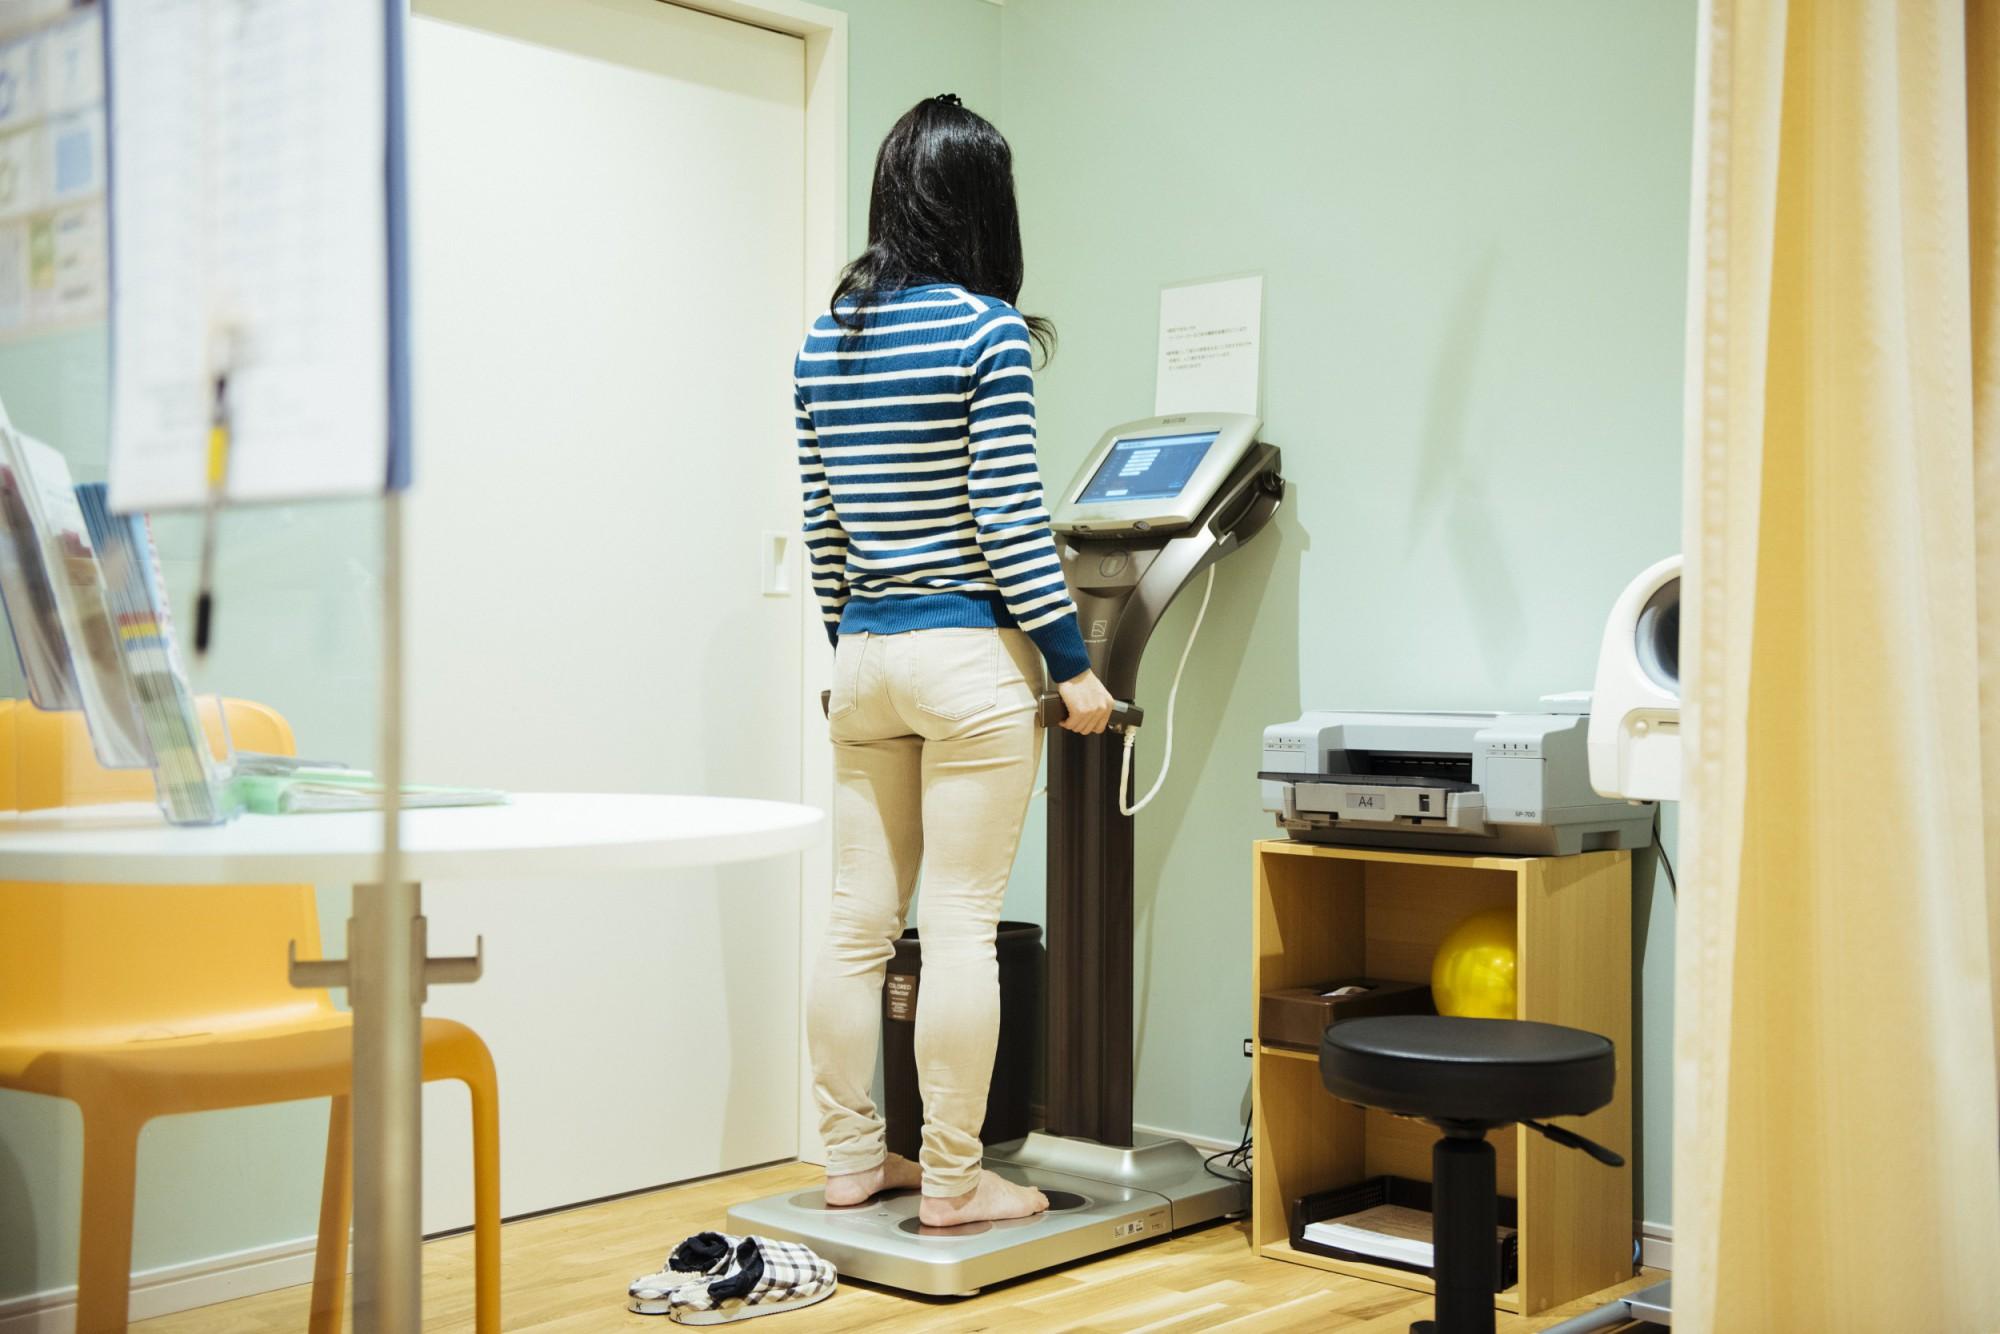 体組成計の計測結果を基に、個々にあわせて管理栄養士からアドバイスを受けられる。